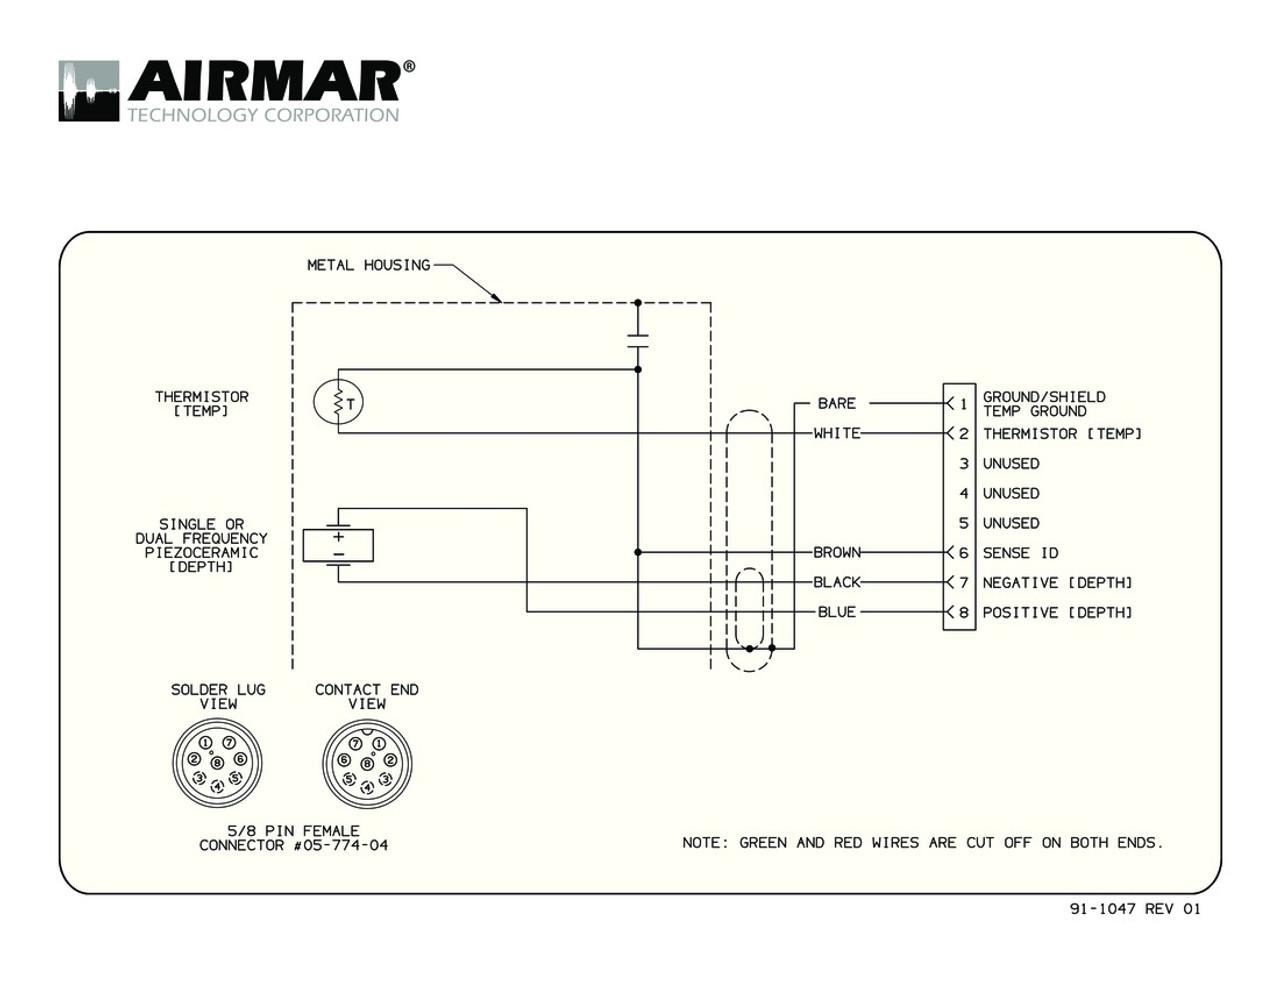 garmin power wiring diagram wiring libraryairmar wiring diagram garmin b117 8 pin d t [ 1280 x 989 Pixel ]